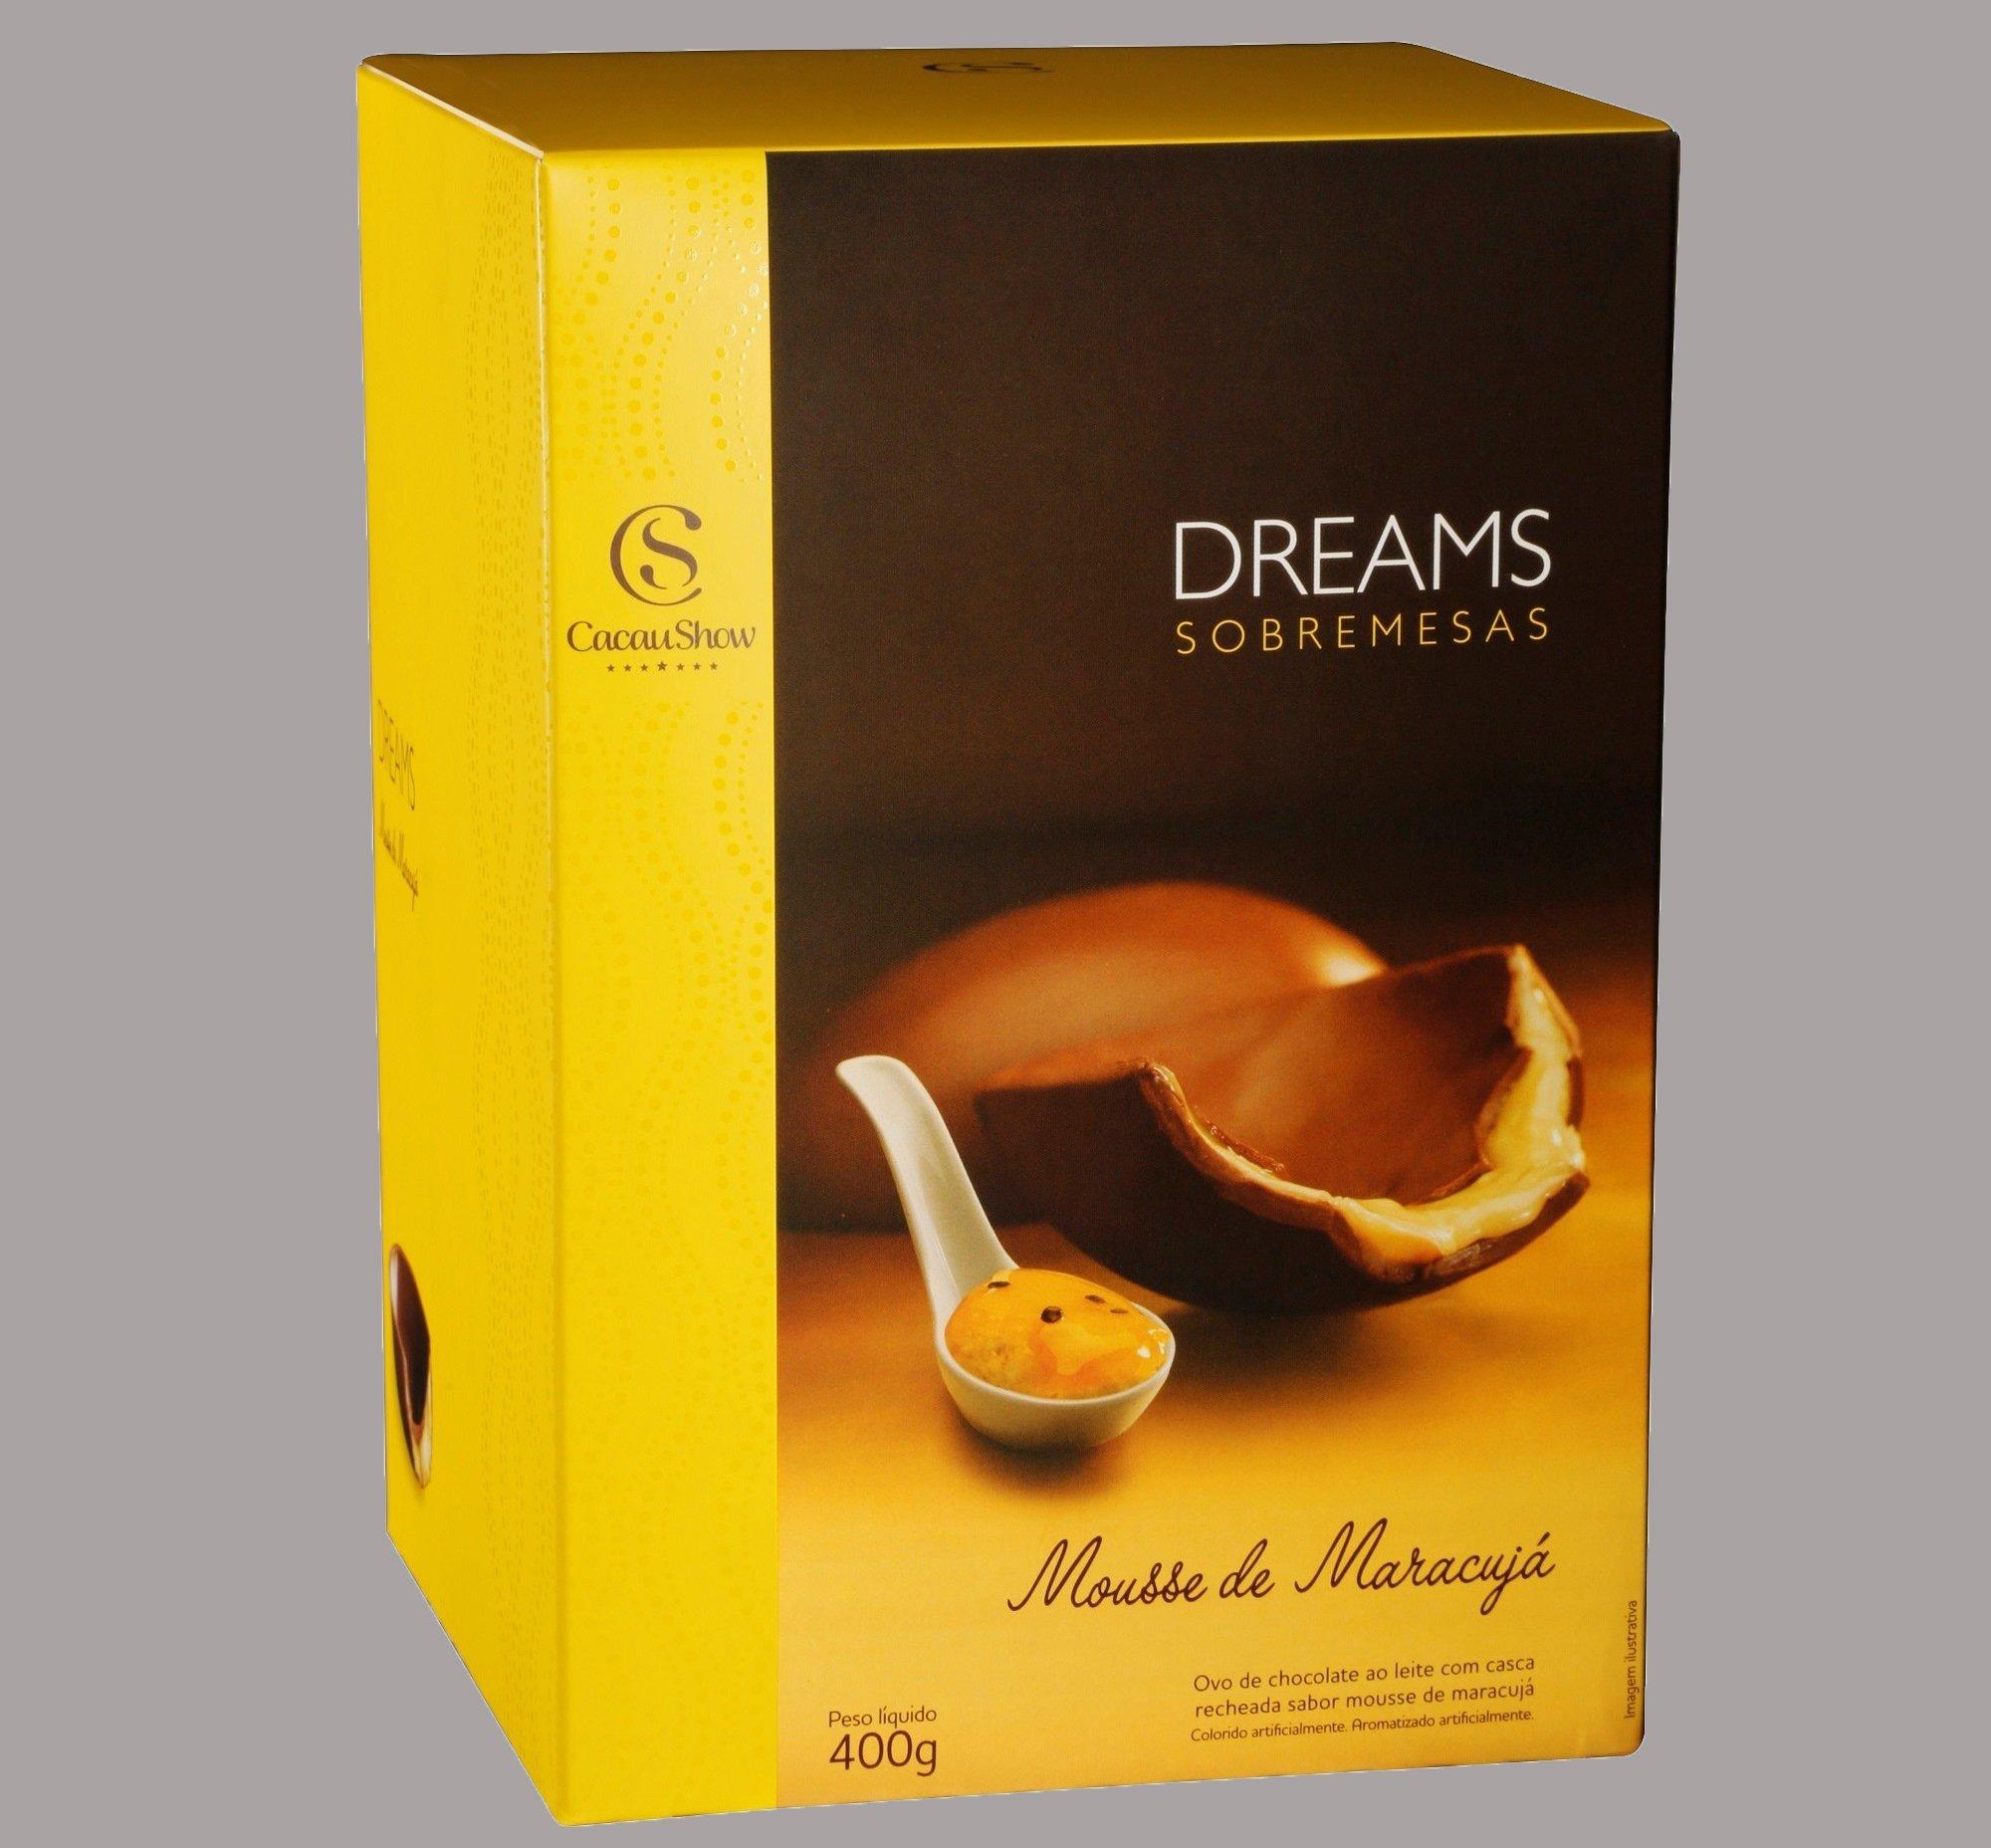 Dreams, da Cacau Show